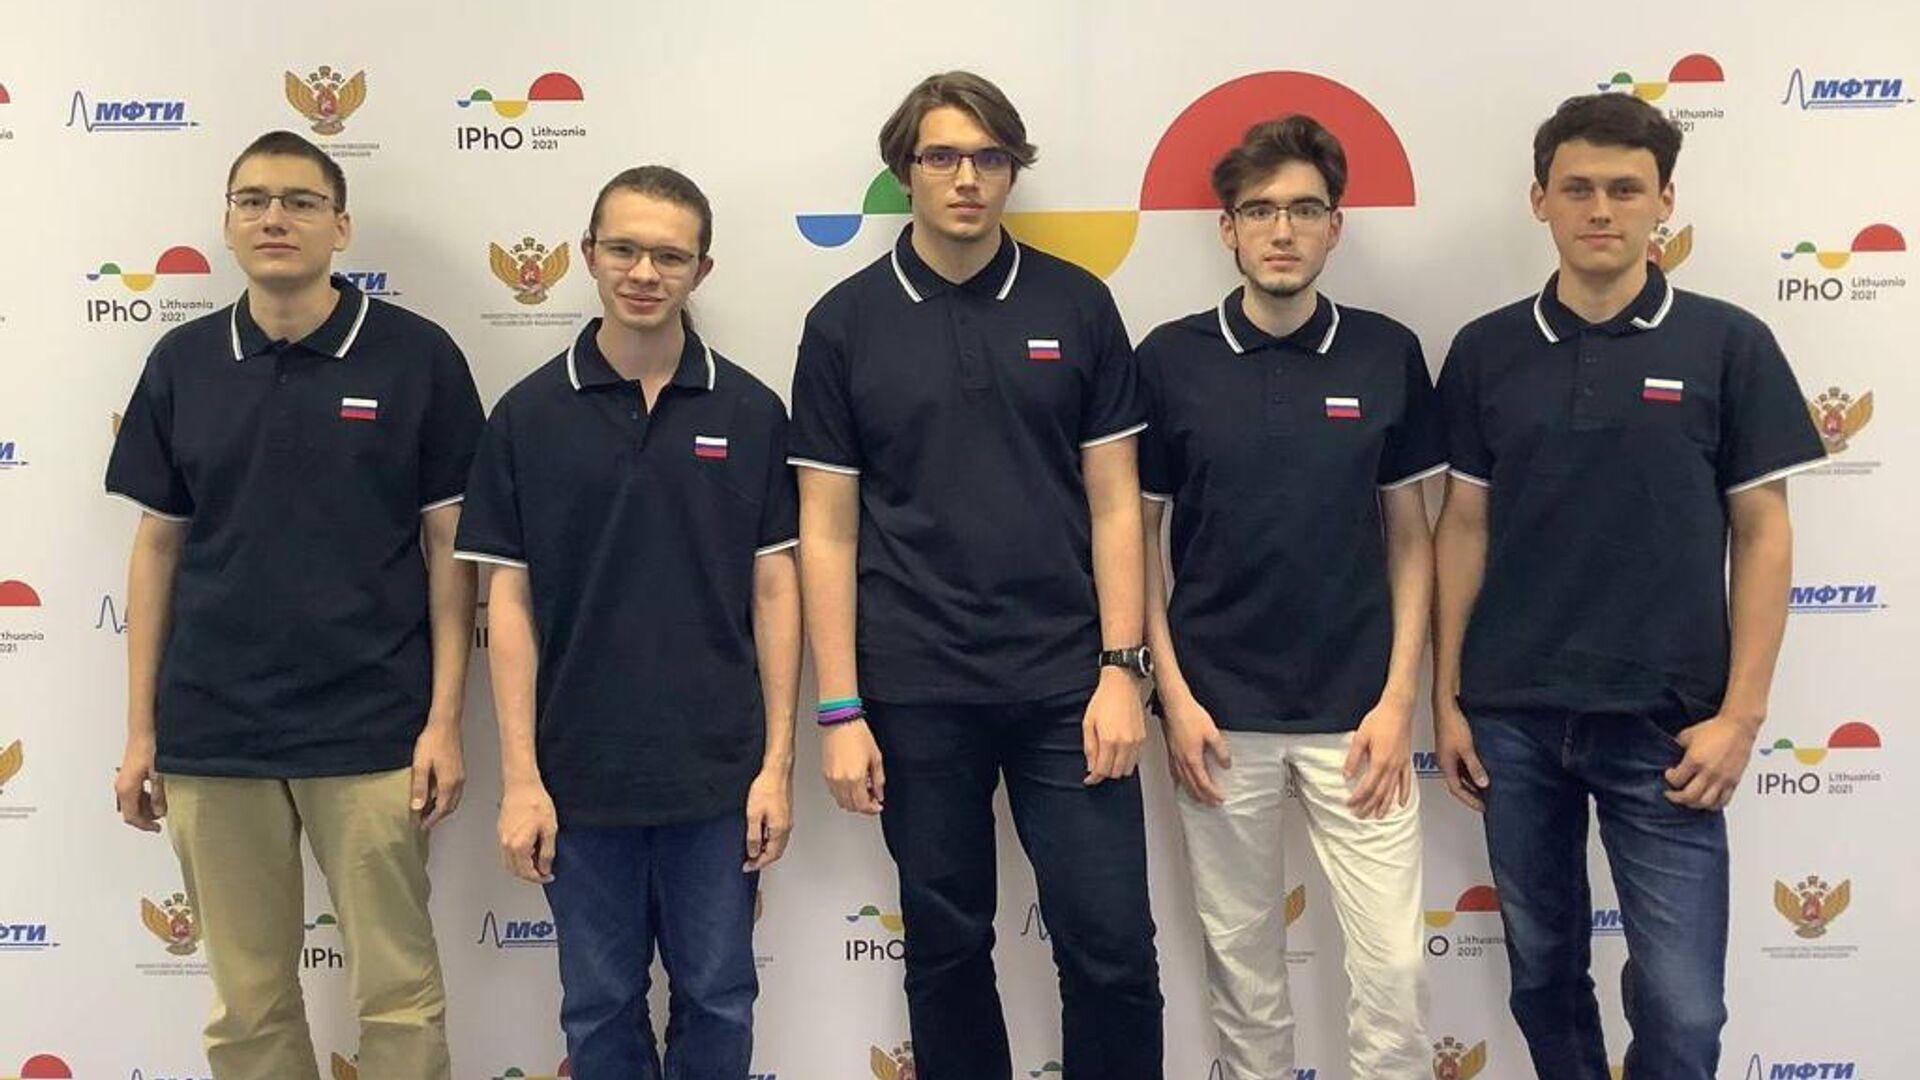 Российская сборная завоевала золотые медали на 51-й Международной олимпиаде по физике (IPhO 2021) - РИА Новости, 1920, 24.07.2021